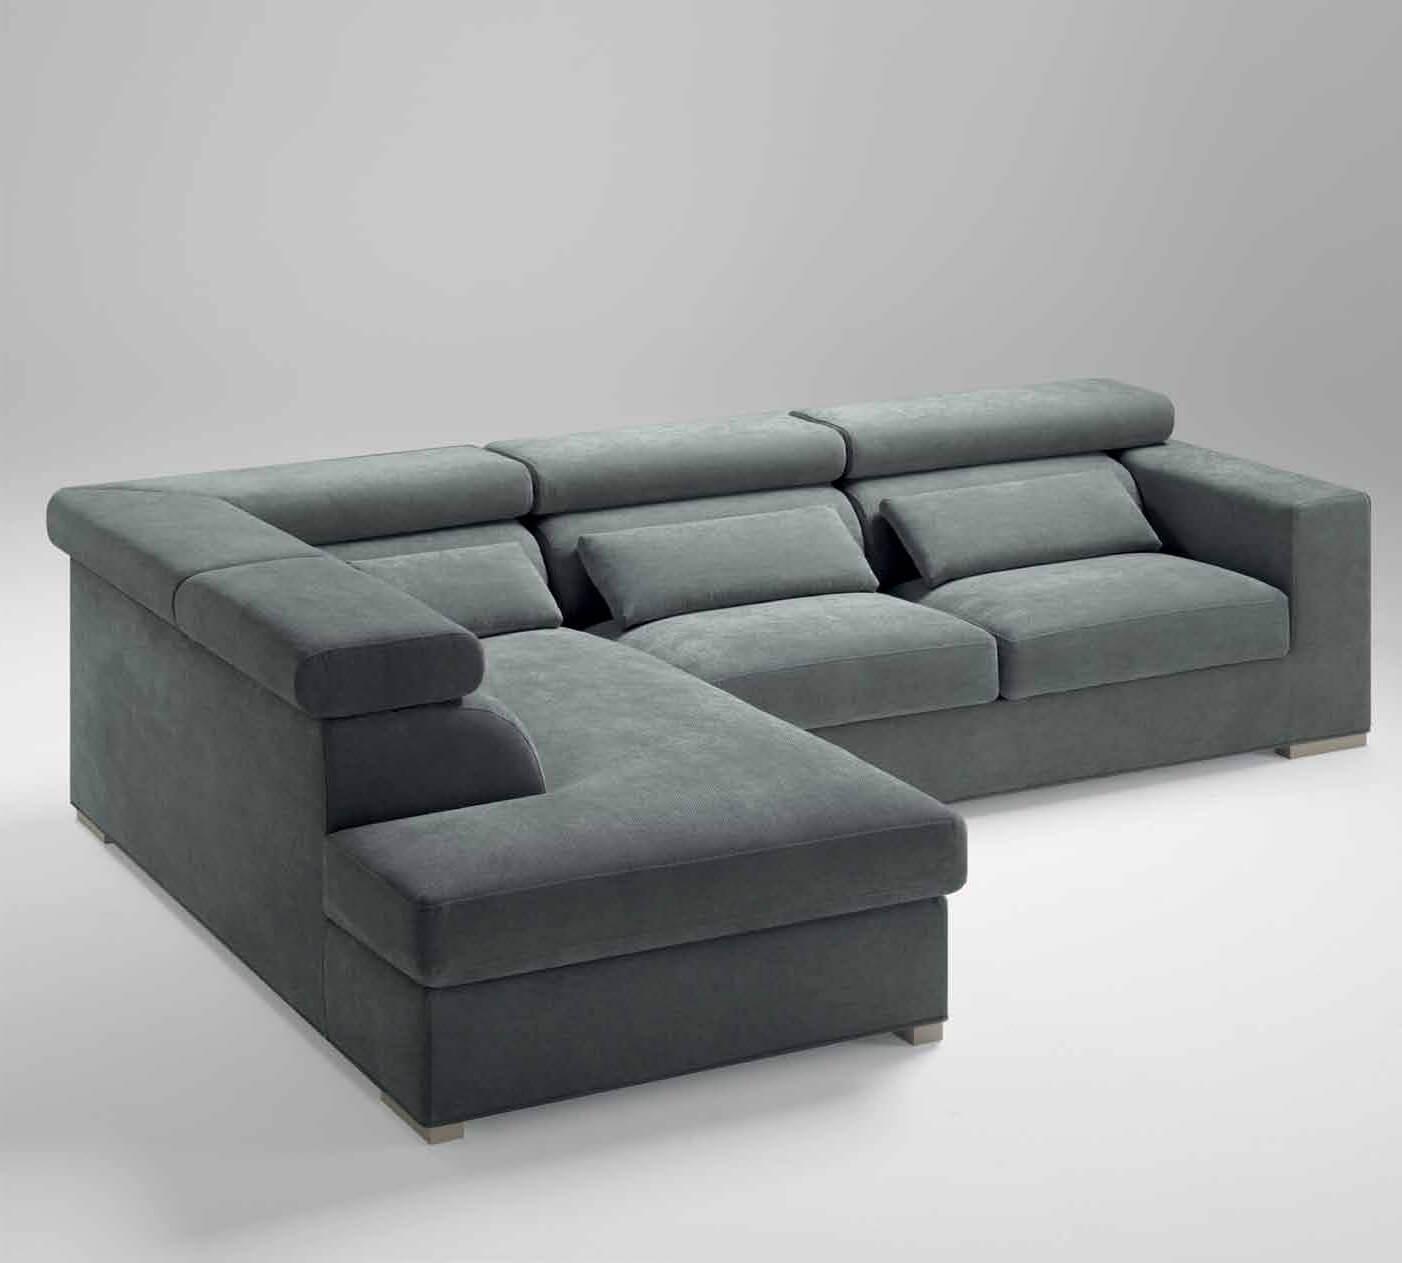 Divano con sedute estraibili modello narcisa arredamento zona giorno divani e poltrone relax - Divano letto scorrevole ...